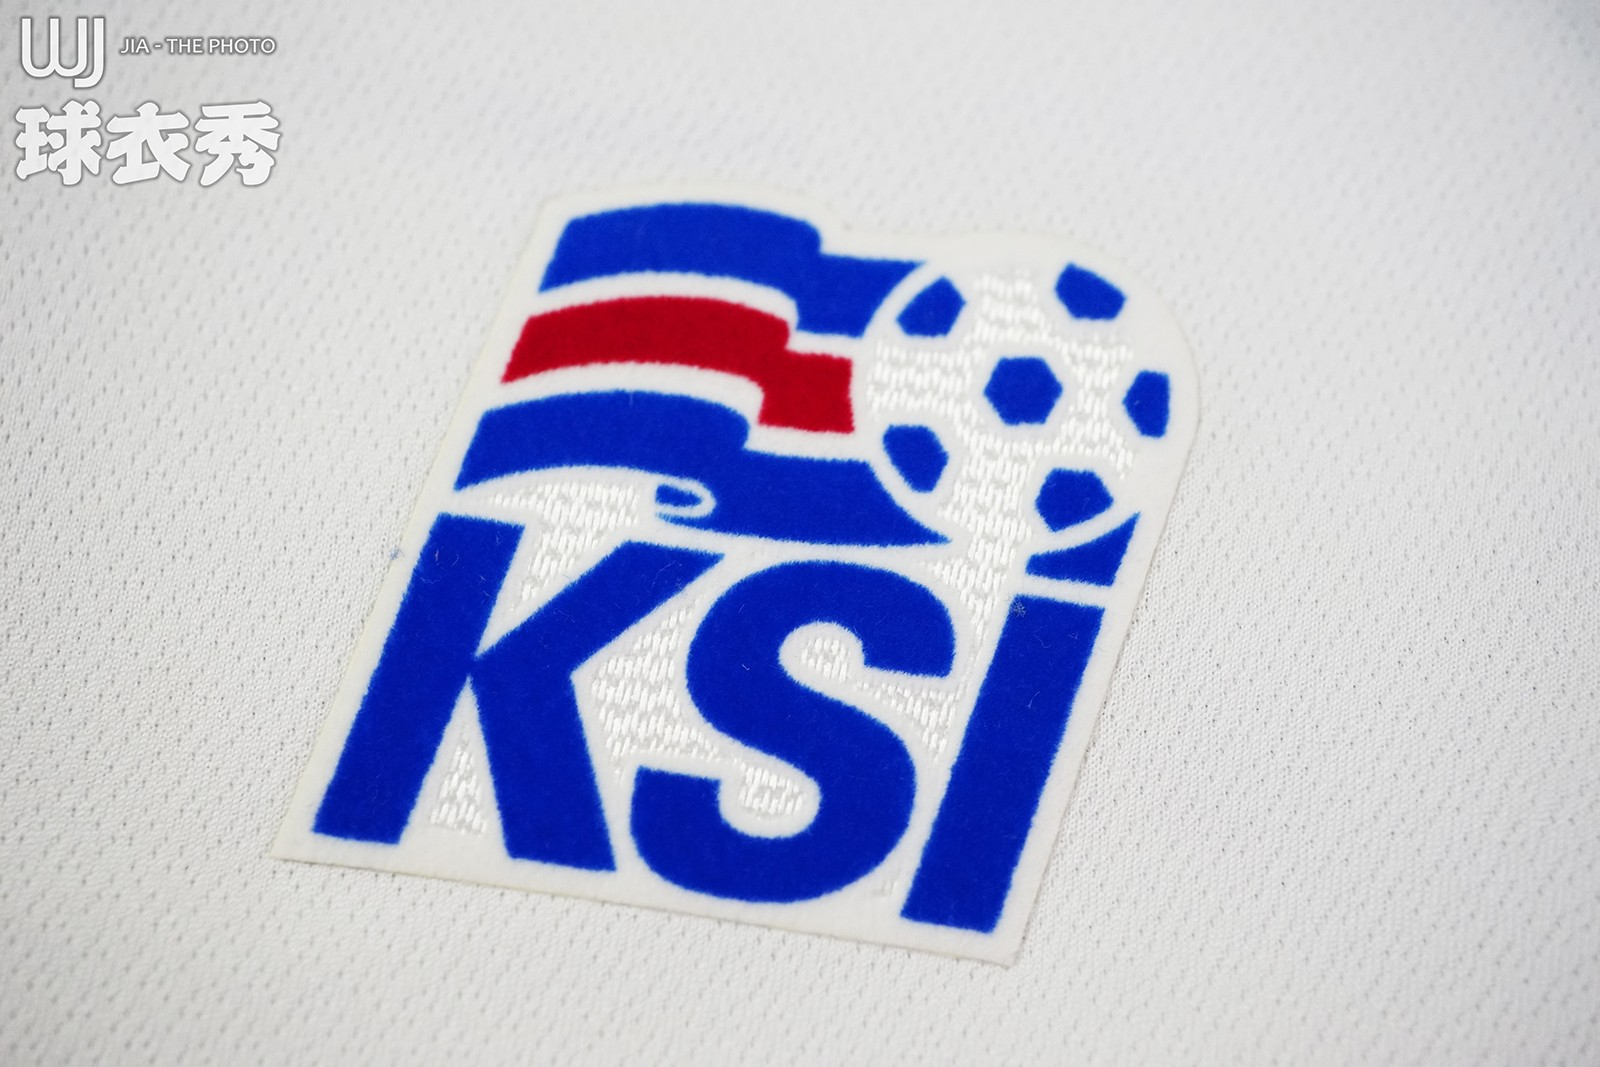 球衣左胸是冰岛足协的标志,包括冰岛国旗及足协的简称ksi.